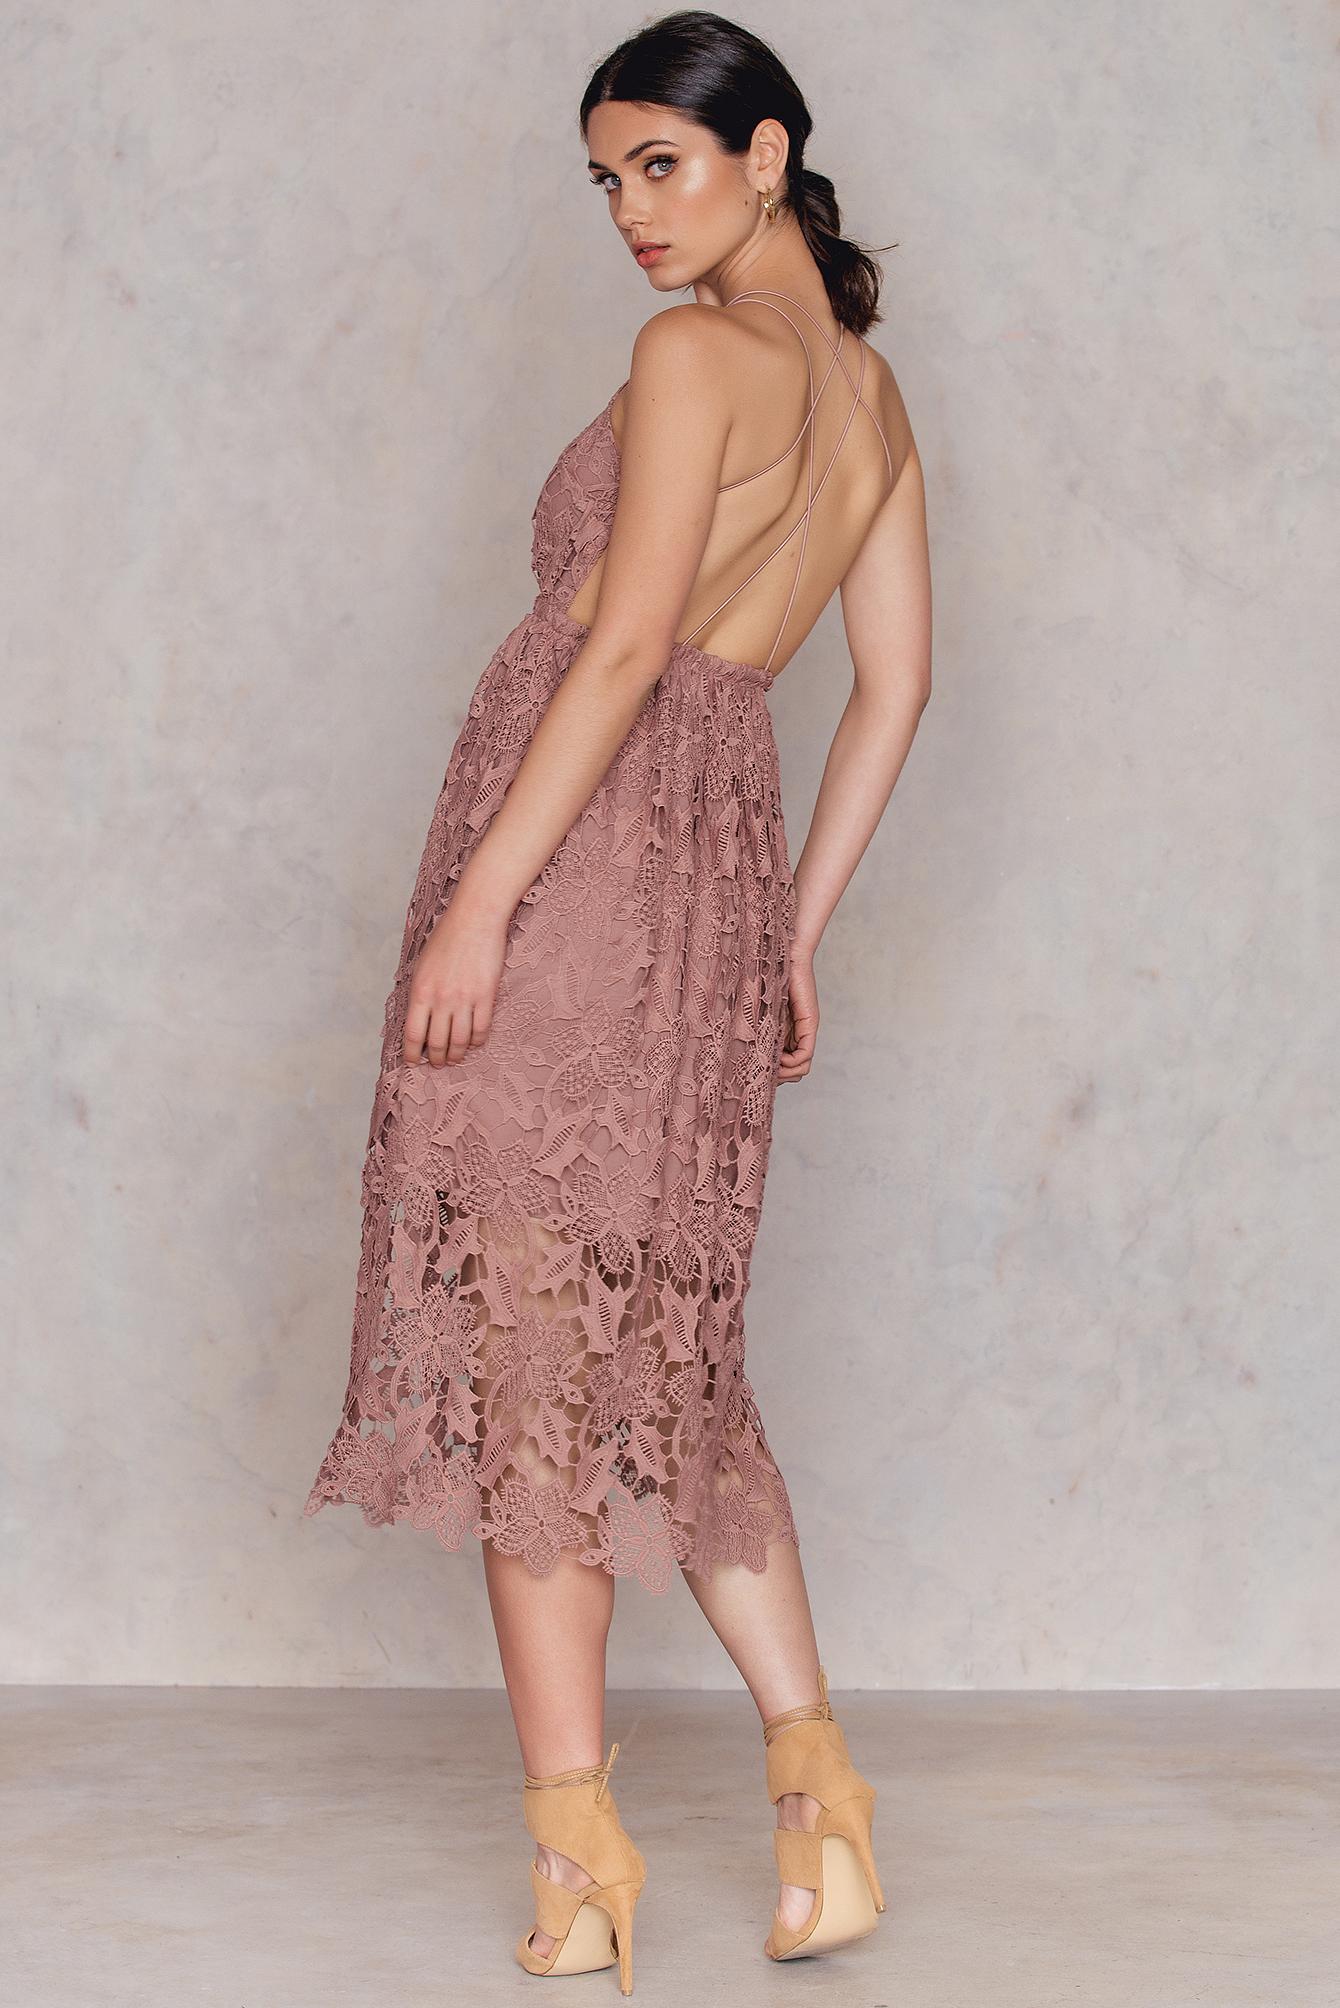 NA-KD Boho Crochet Strap Back Dress Pink by NA-KD Boho